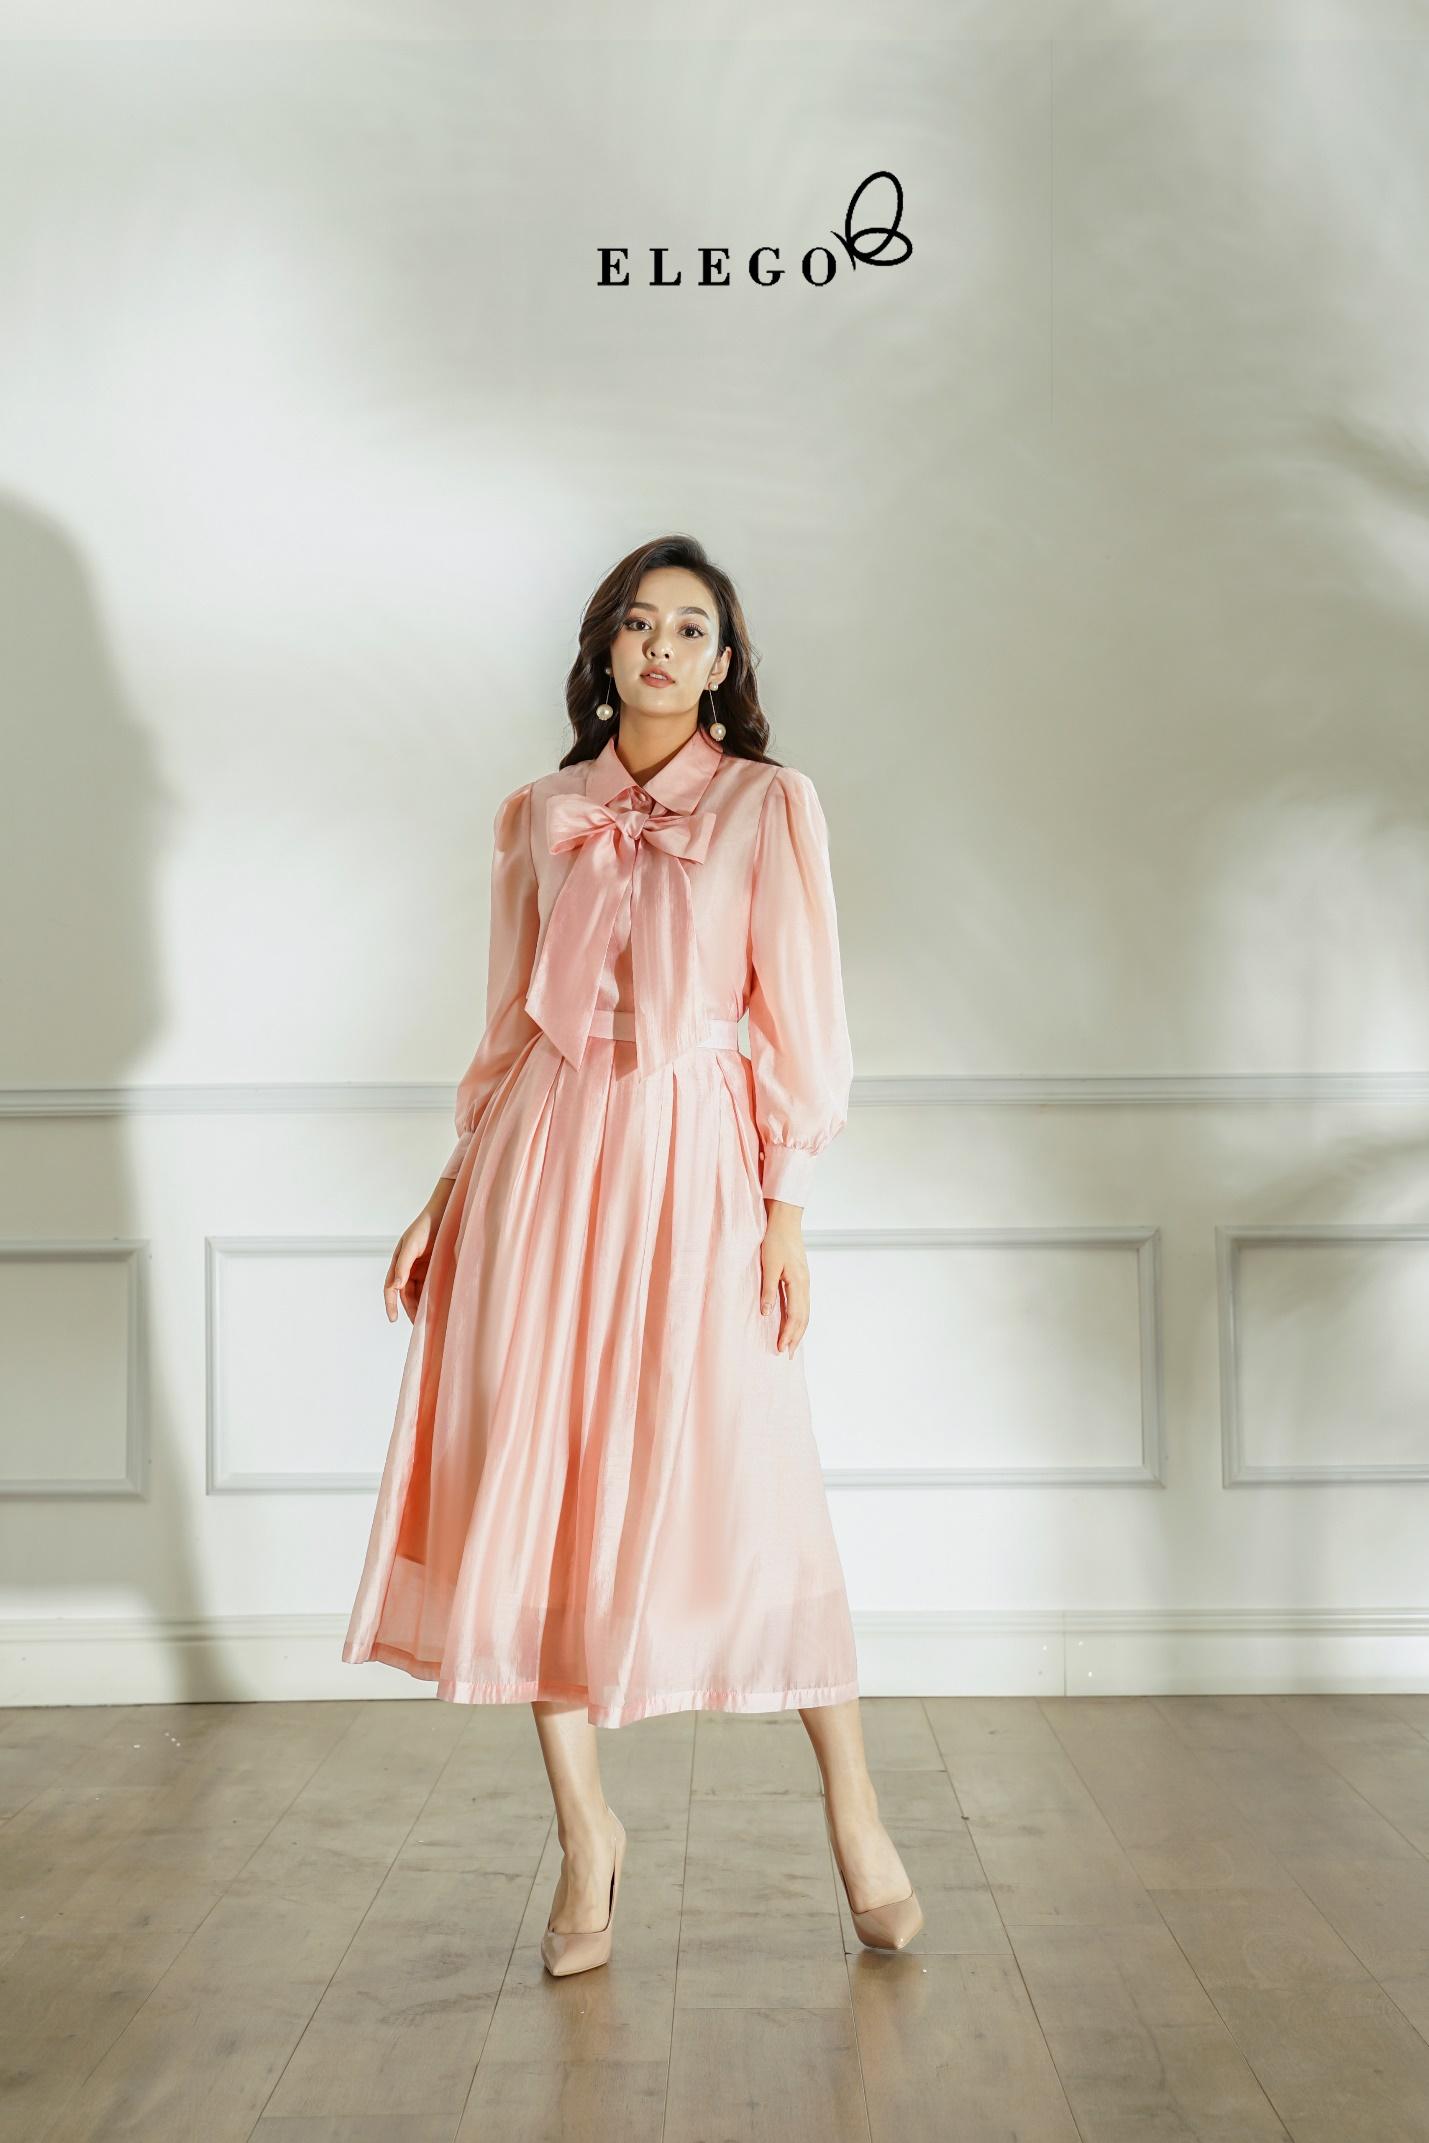 Các cô ái yêu thích lãng mạn có thể chọn áo tơ hồng thắt nơ và chân váy xếp ly cùng màu bồng bềnh. Set đồ của Elego hợp với nơi công sở, bữa tiệc hay dạo phố.